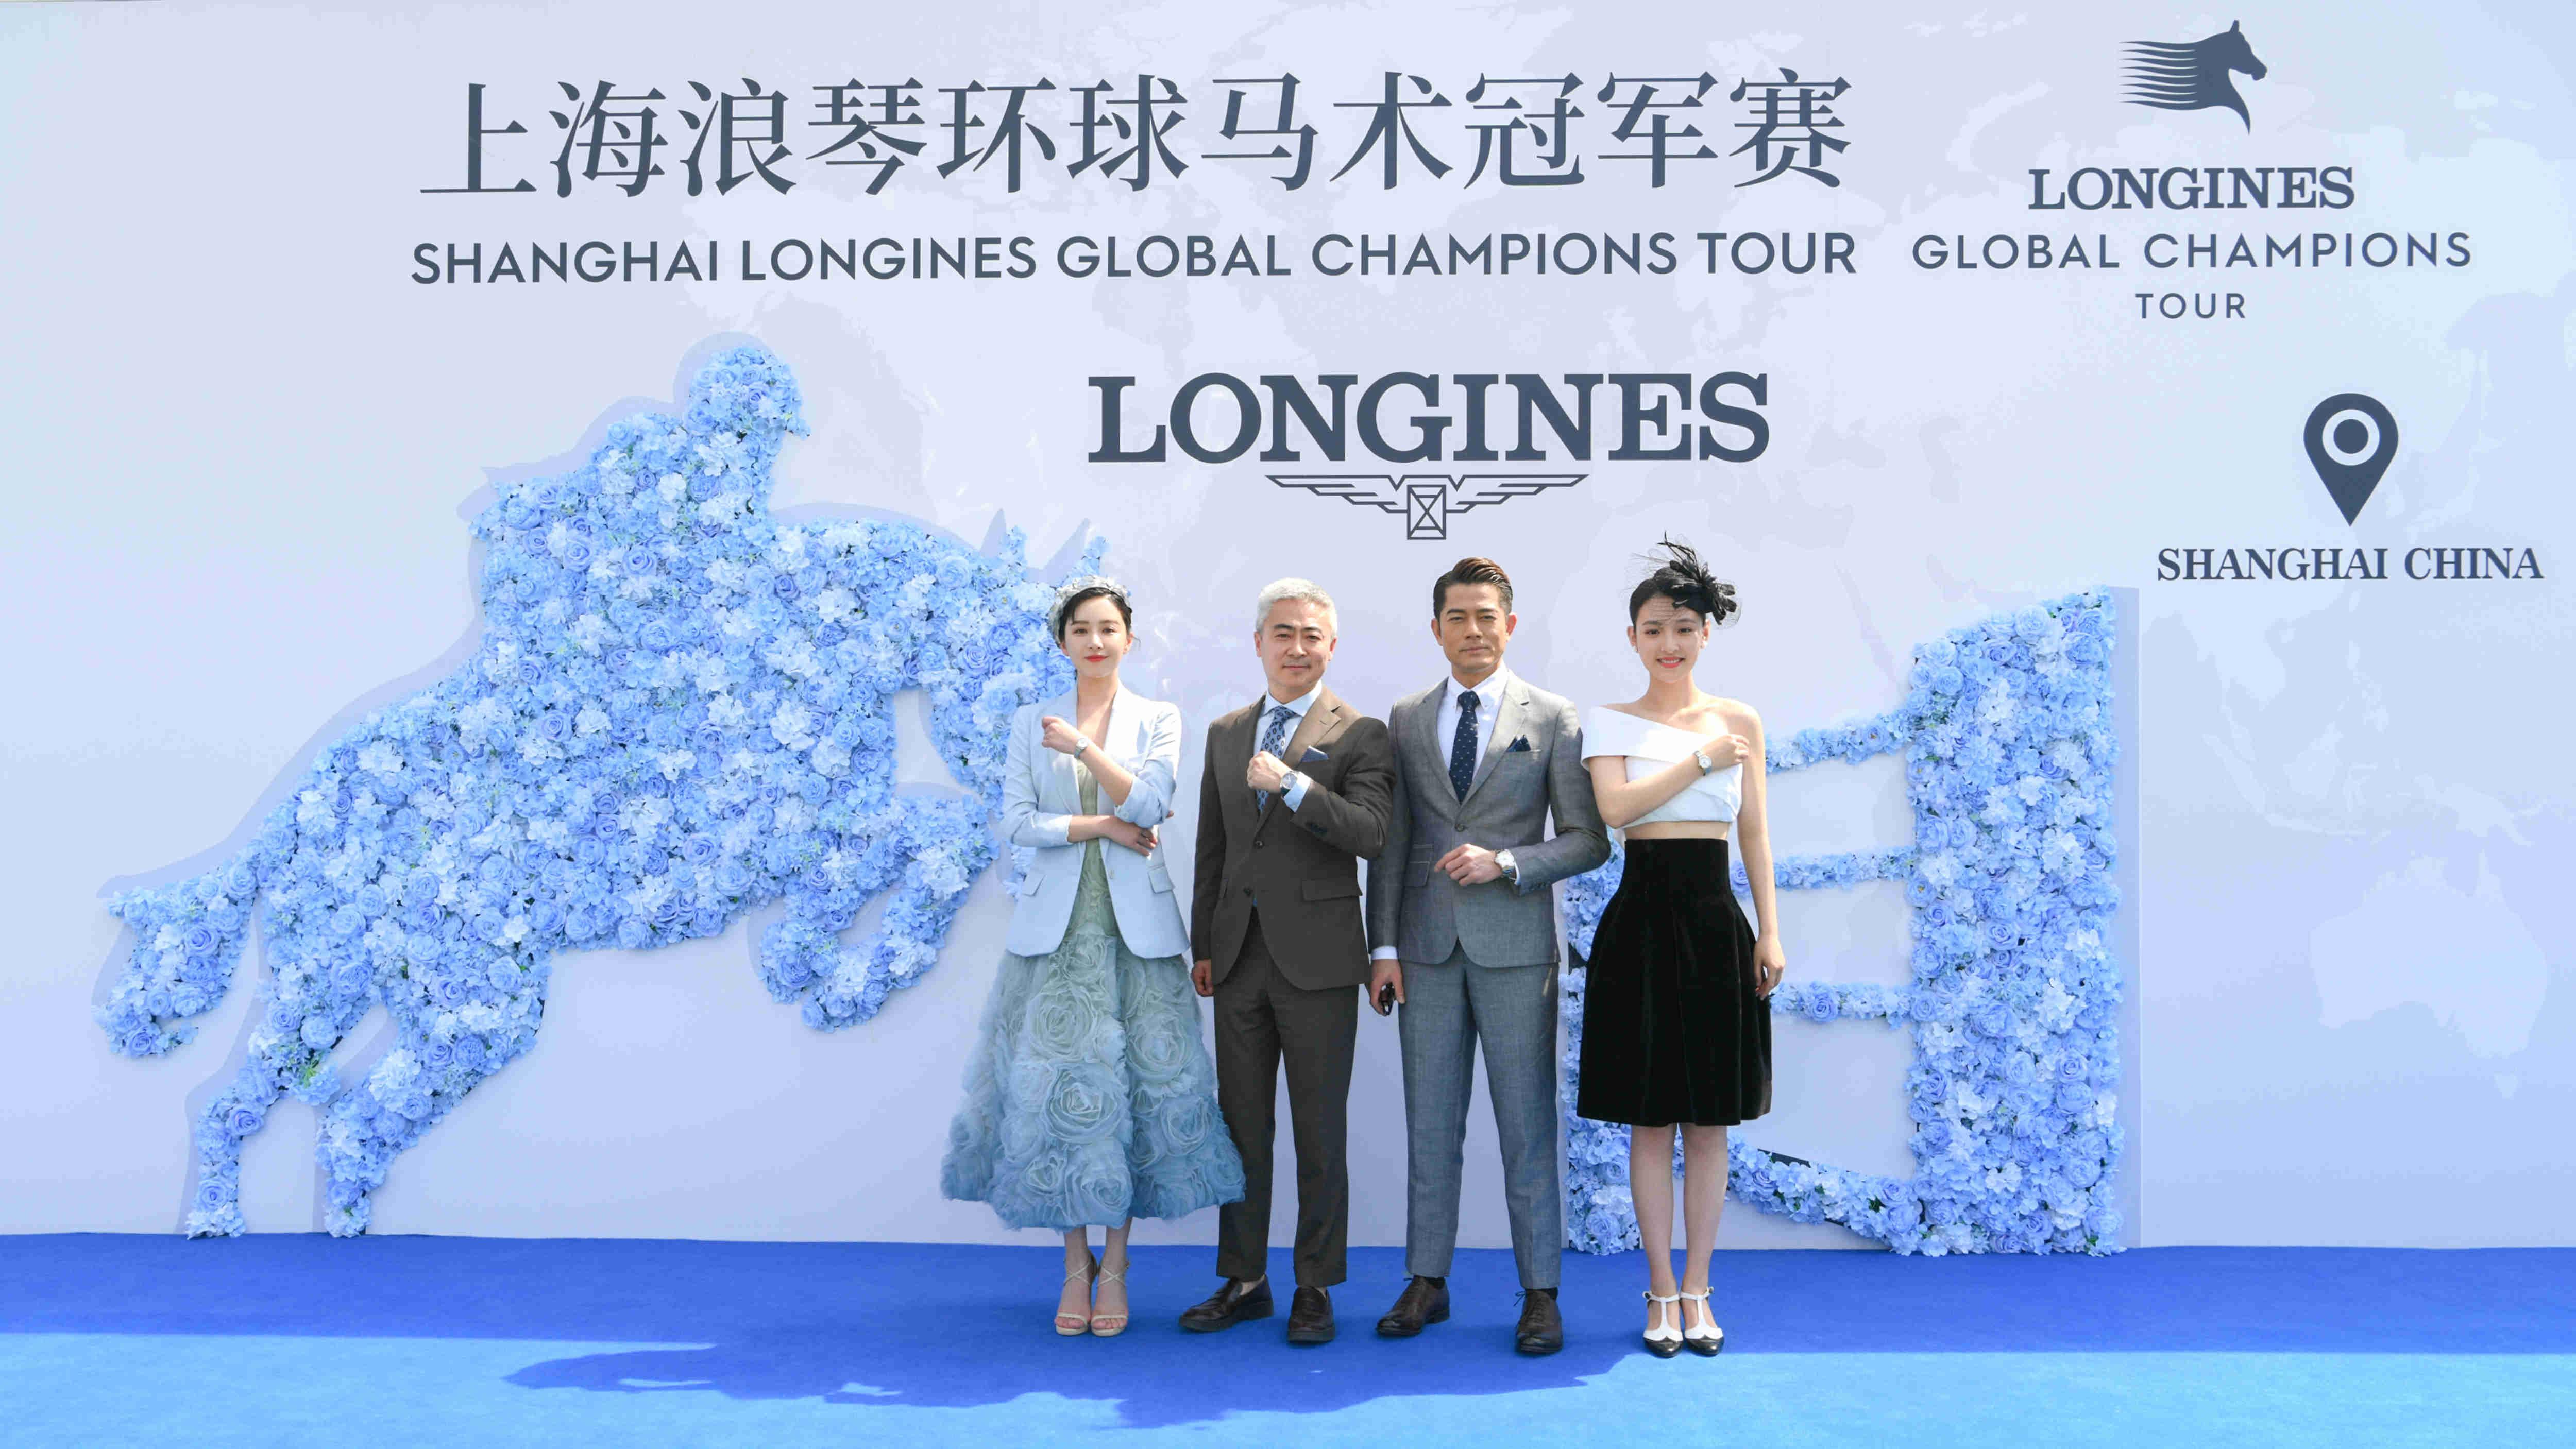 2019上海浪琴环球马术冠军赛优雅启幕,康卡斯系列V.H.P.陪伴郭富城探索马术魅力